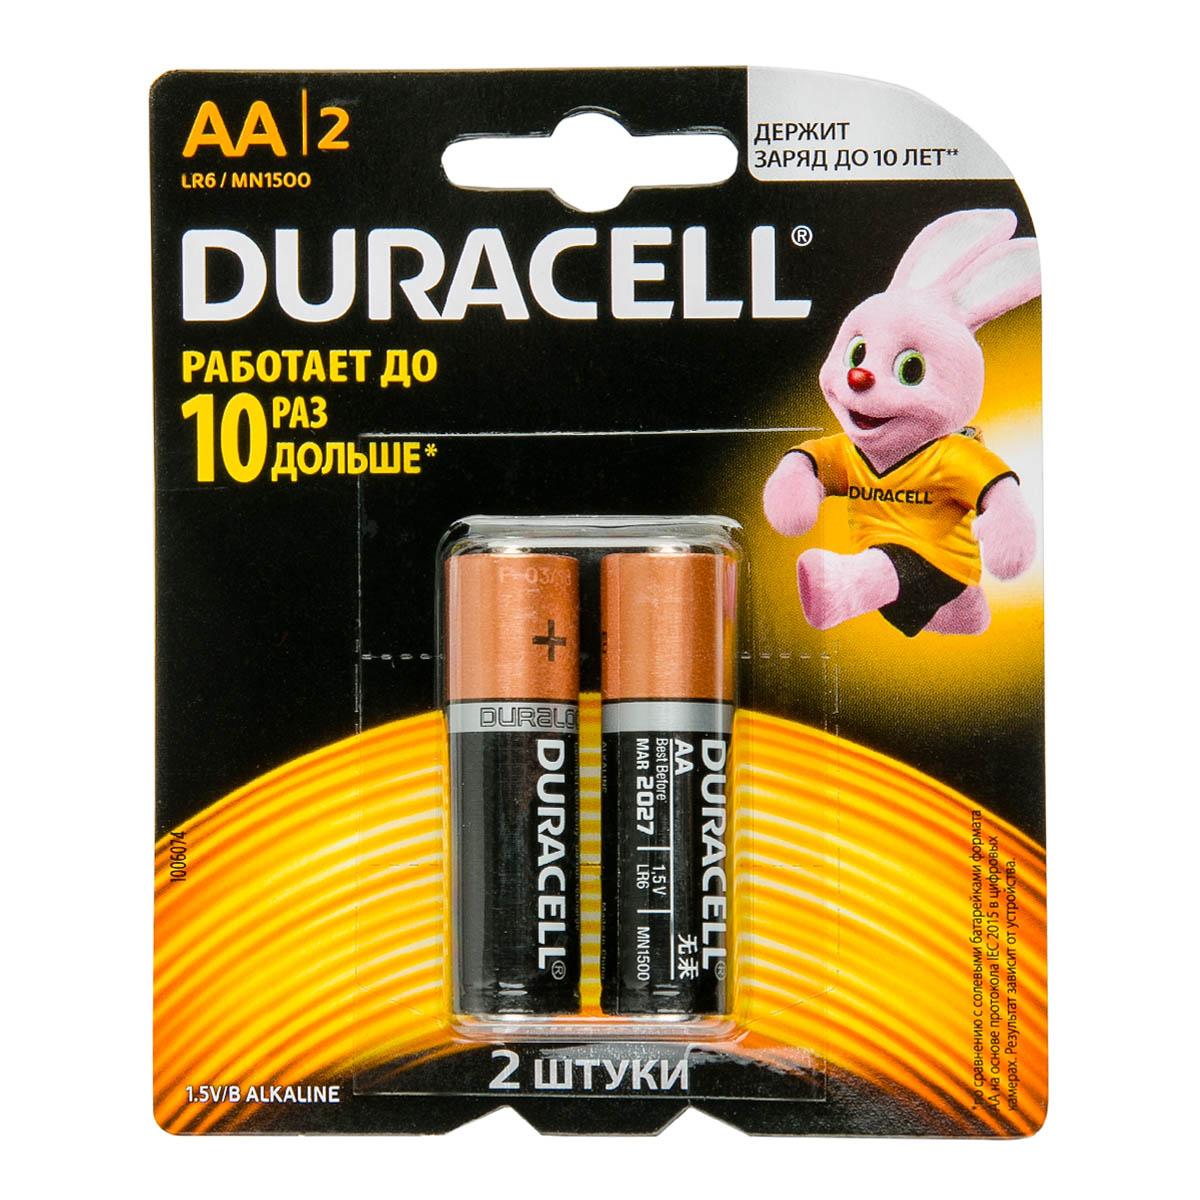 Duracell AA Basic